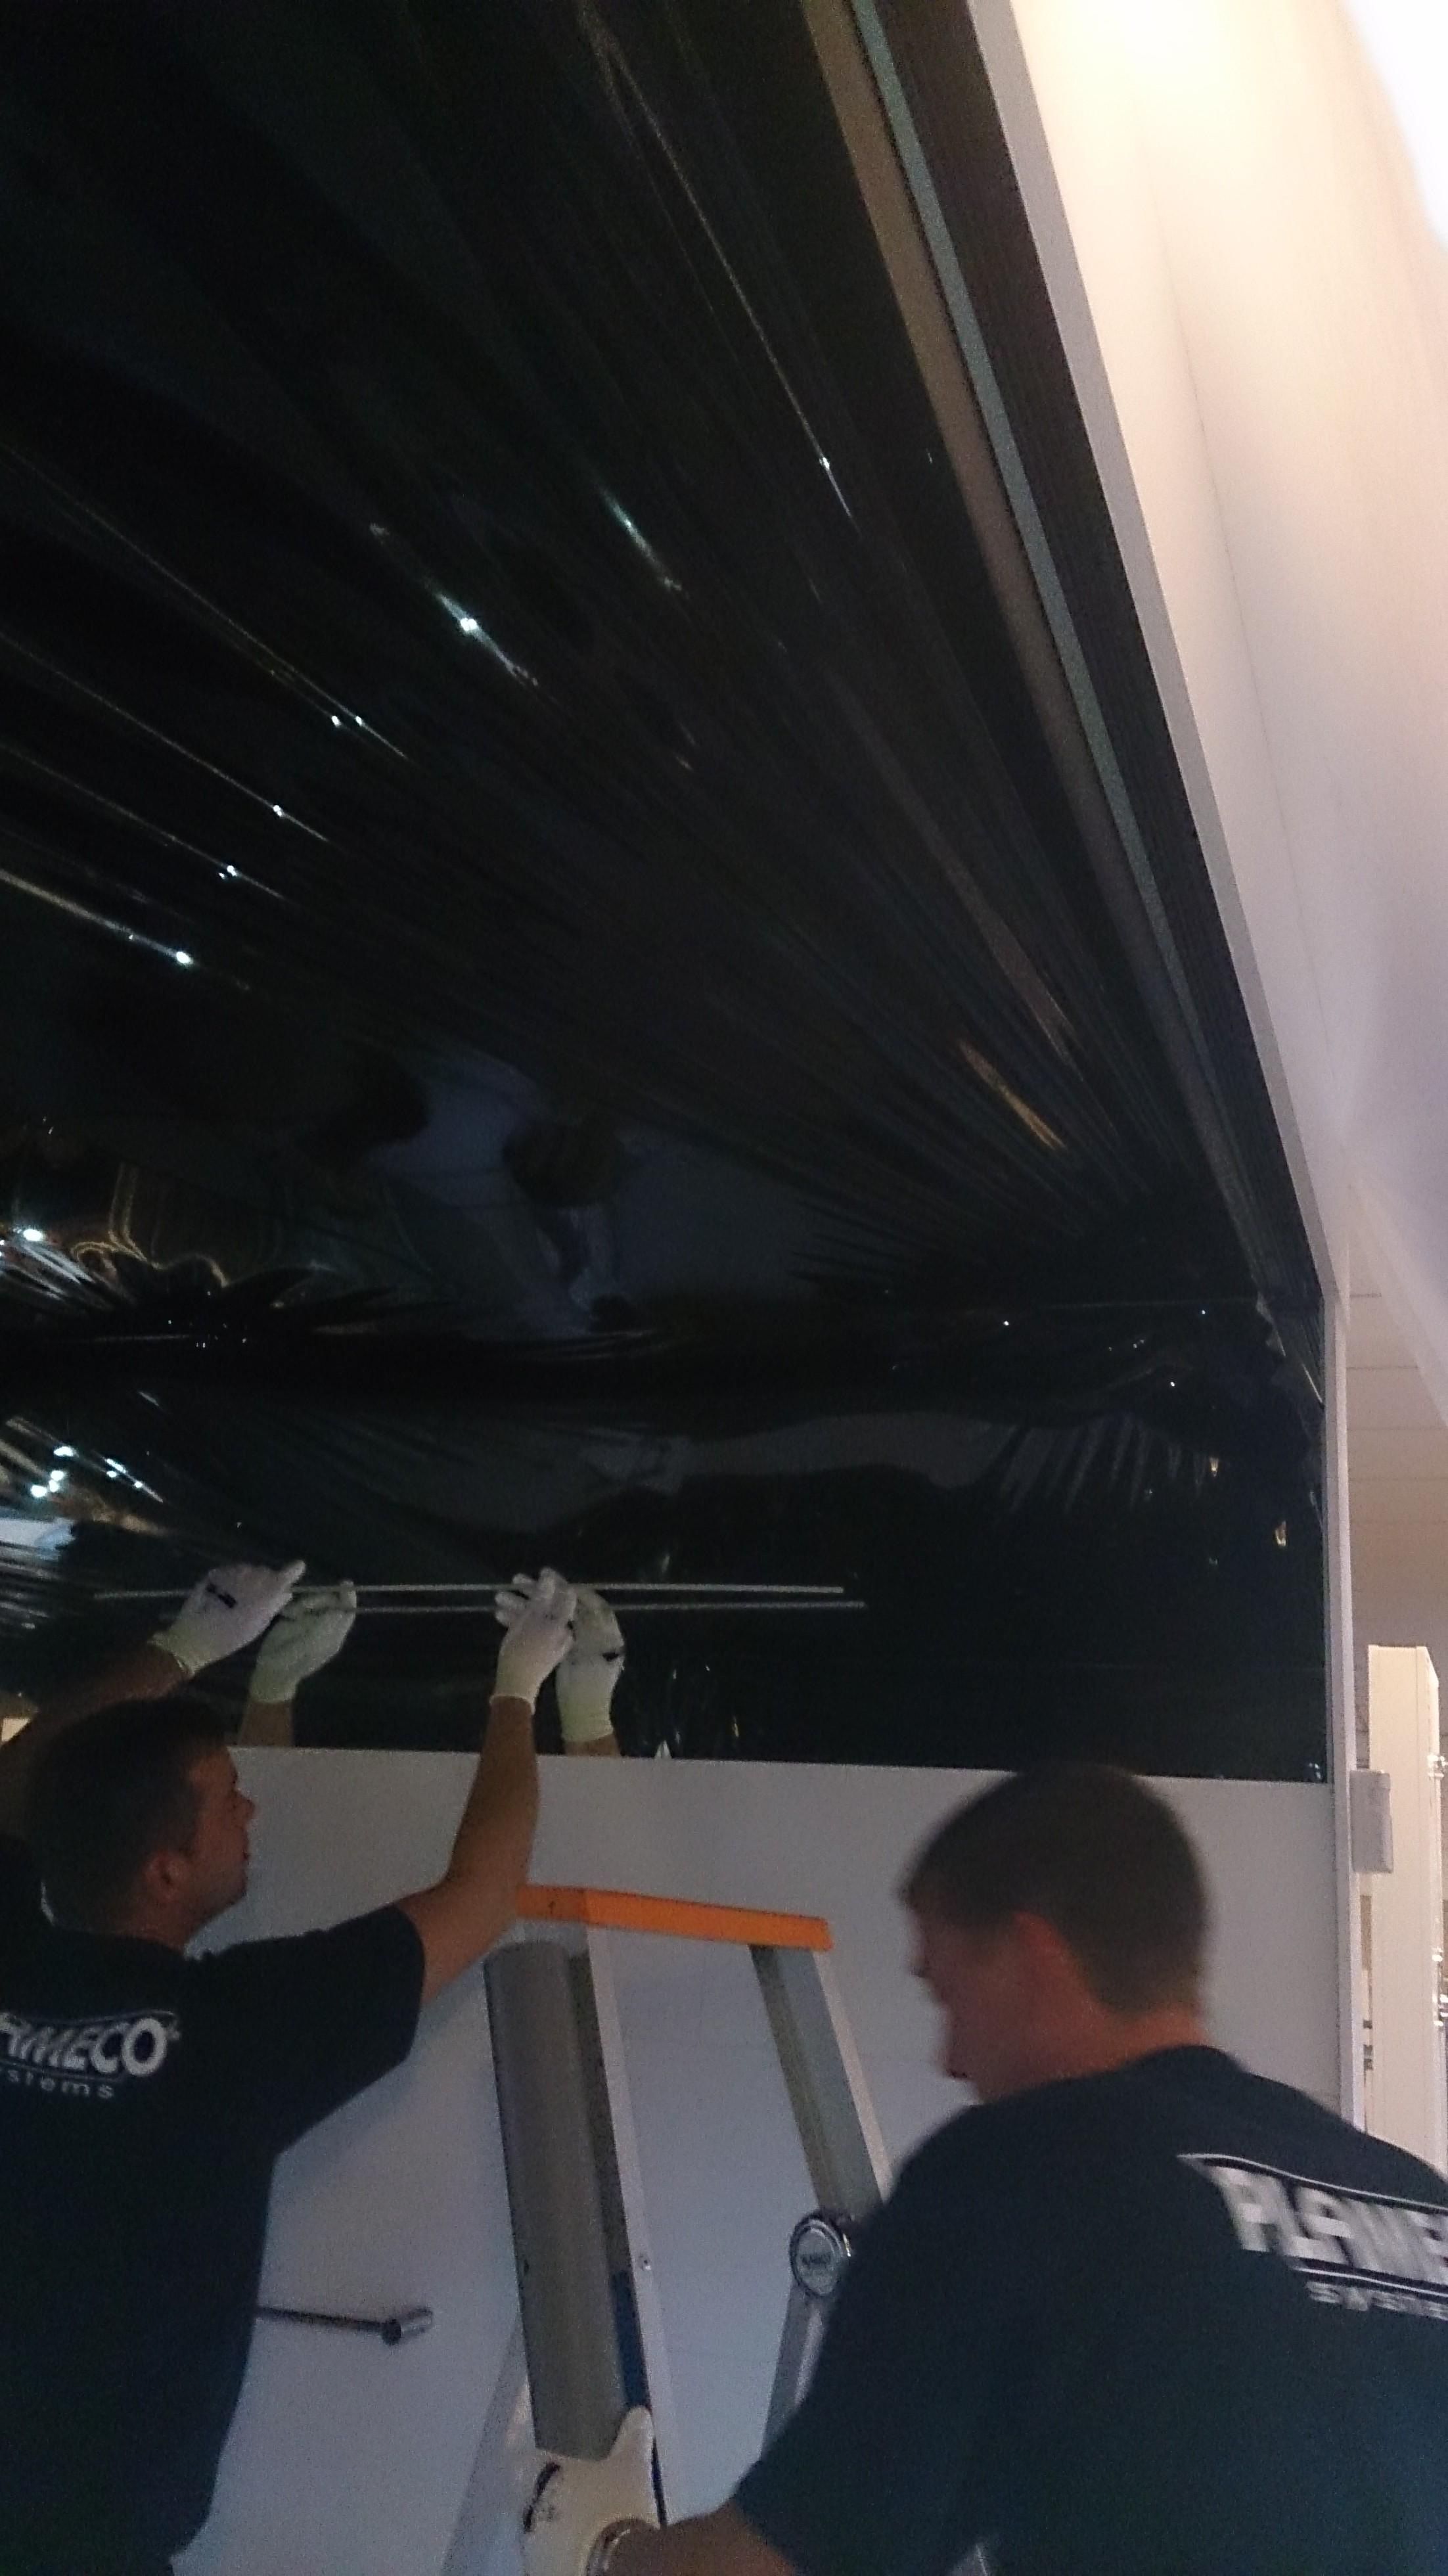 zwartspiegelplafond, spanplafond van Plameco bij Badexclusief